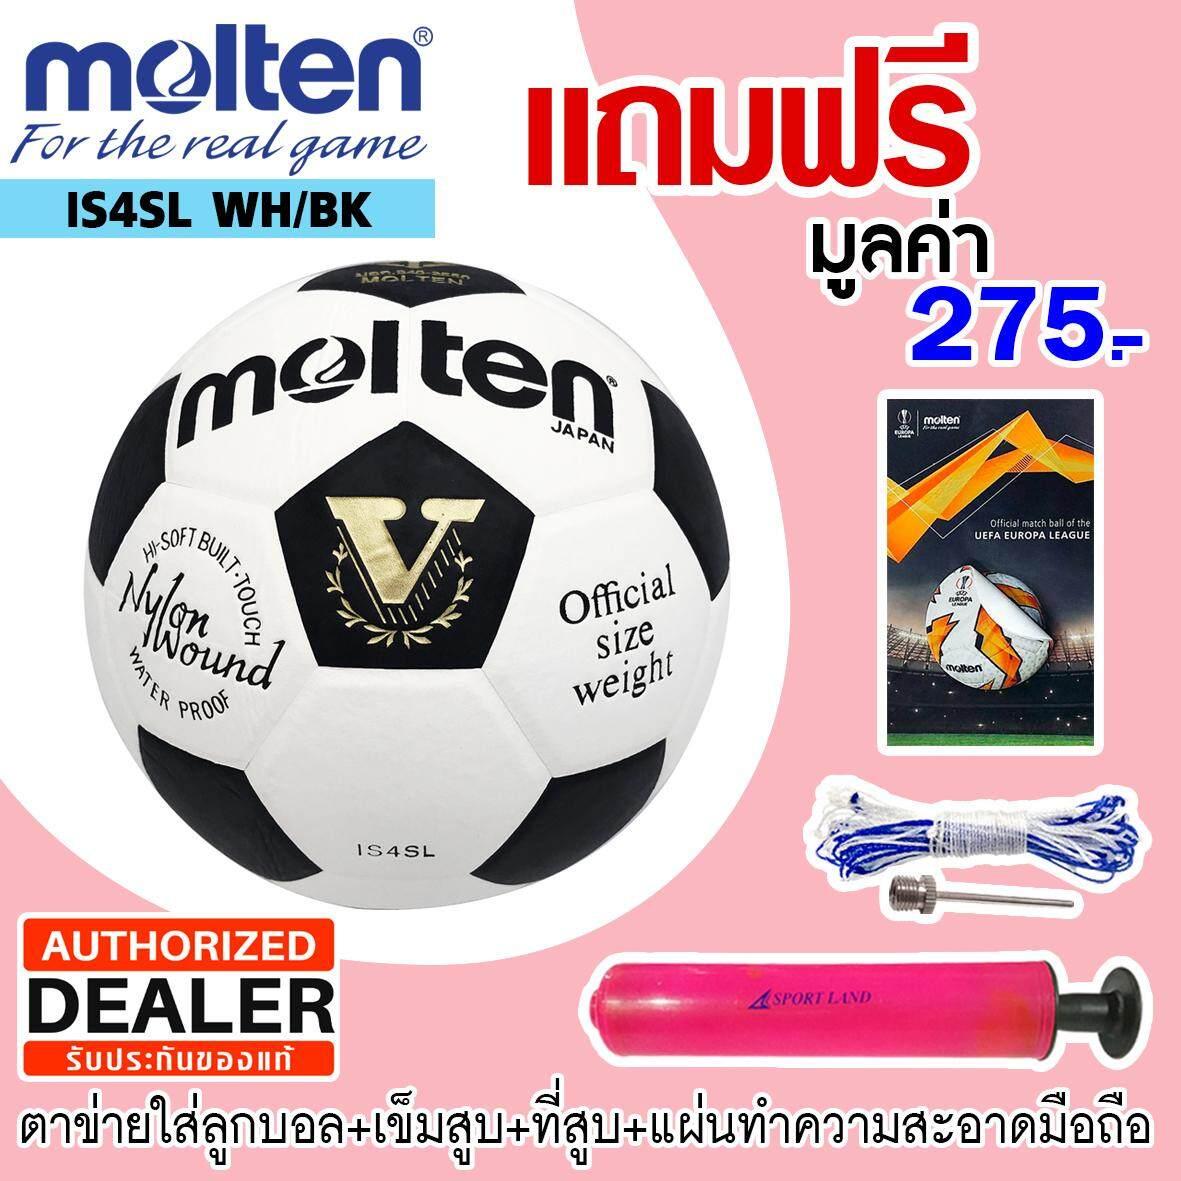 ยี่ห้อไหนดี  MOLTEN ฟุตบอล Football MOT PU IS4SL WH/BK เบอร์4 แถมฟรี ตาข่ายใส่ลูกฟุตบอล + เข็มสูบลม + สูบมือ SPL รุ่น SL6 สีชมพู + แผ่นทำความสะอาดมือถือ